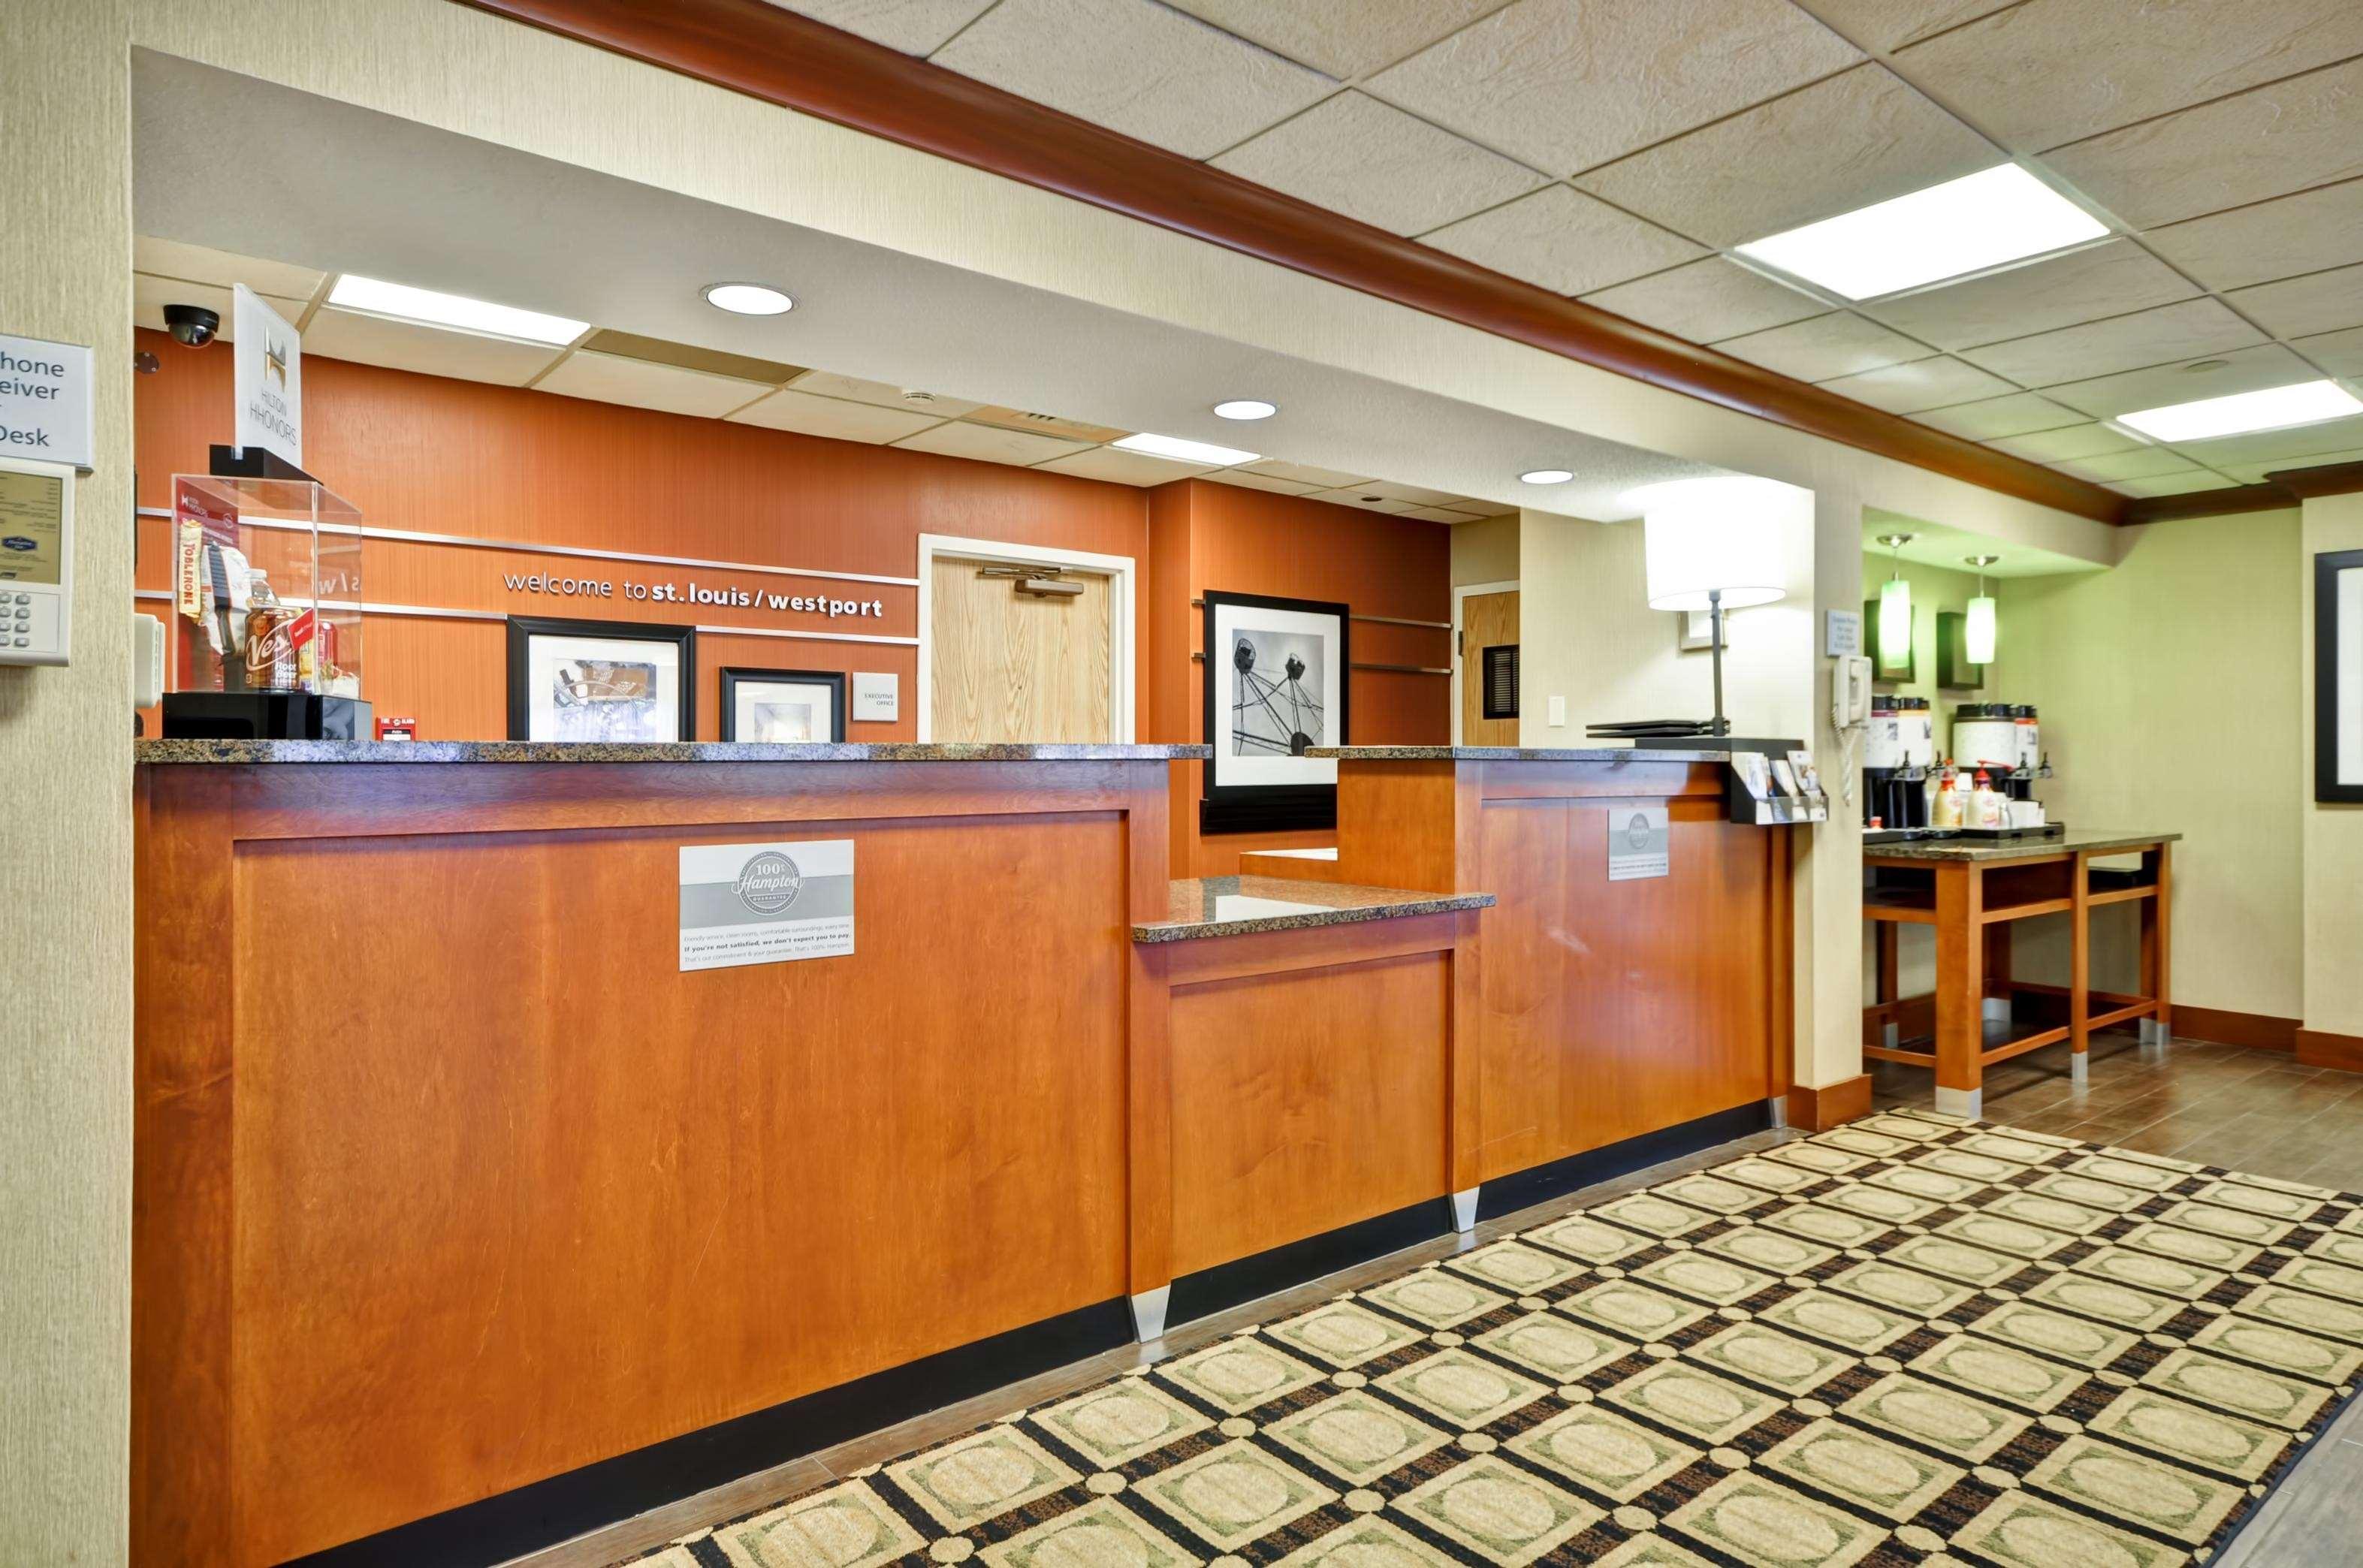 Hampton Inn St. Louis/Westport image 24